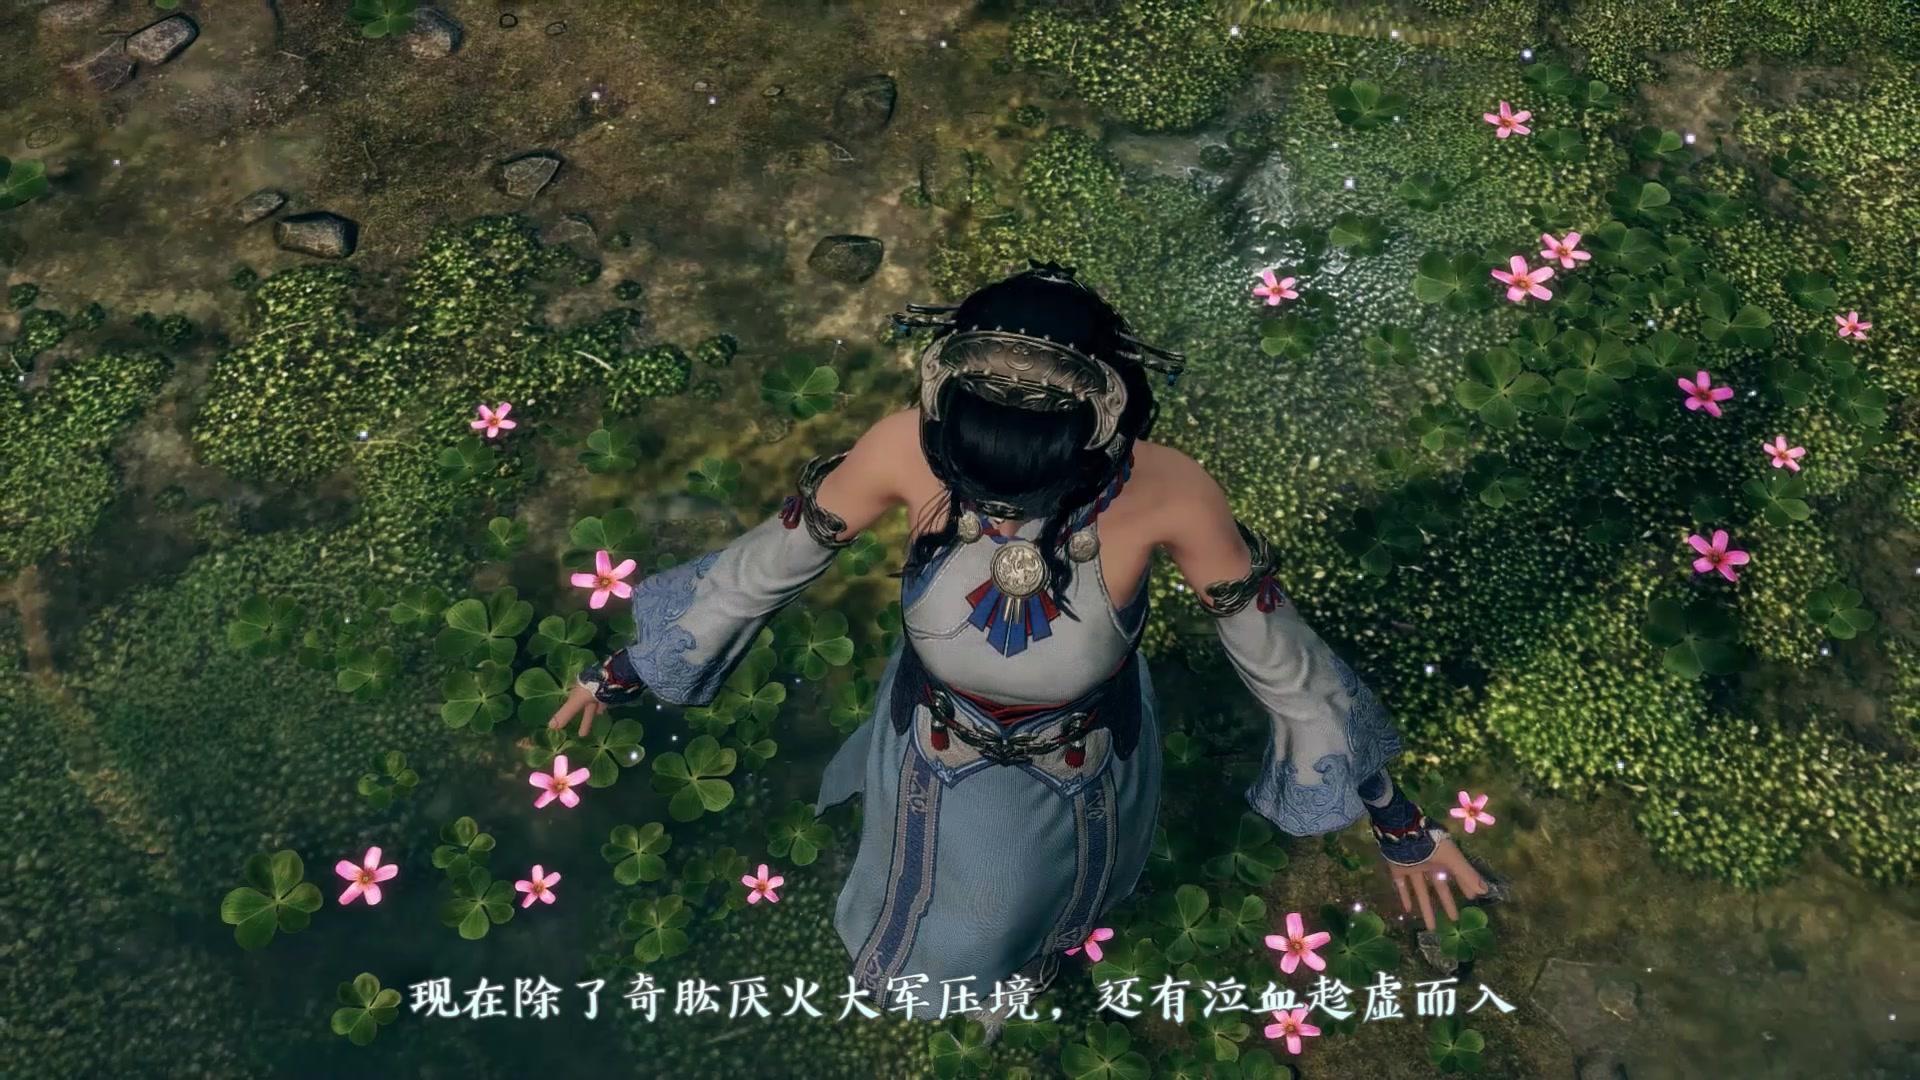 《古剑奇谭OL》全新秘境鏖战神水乡